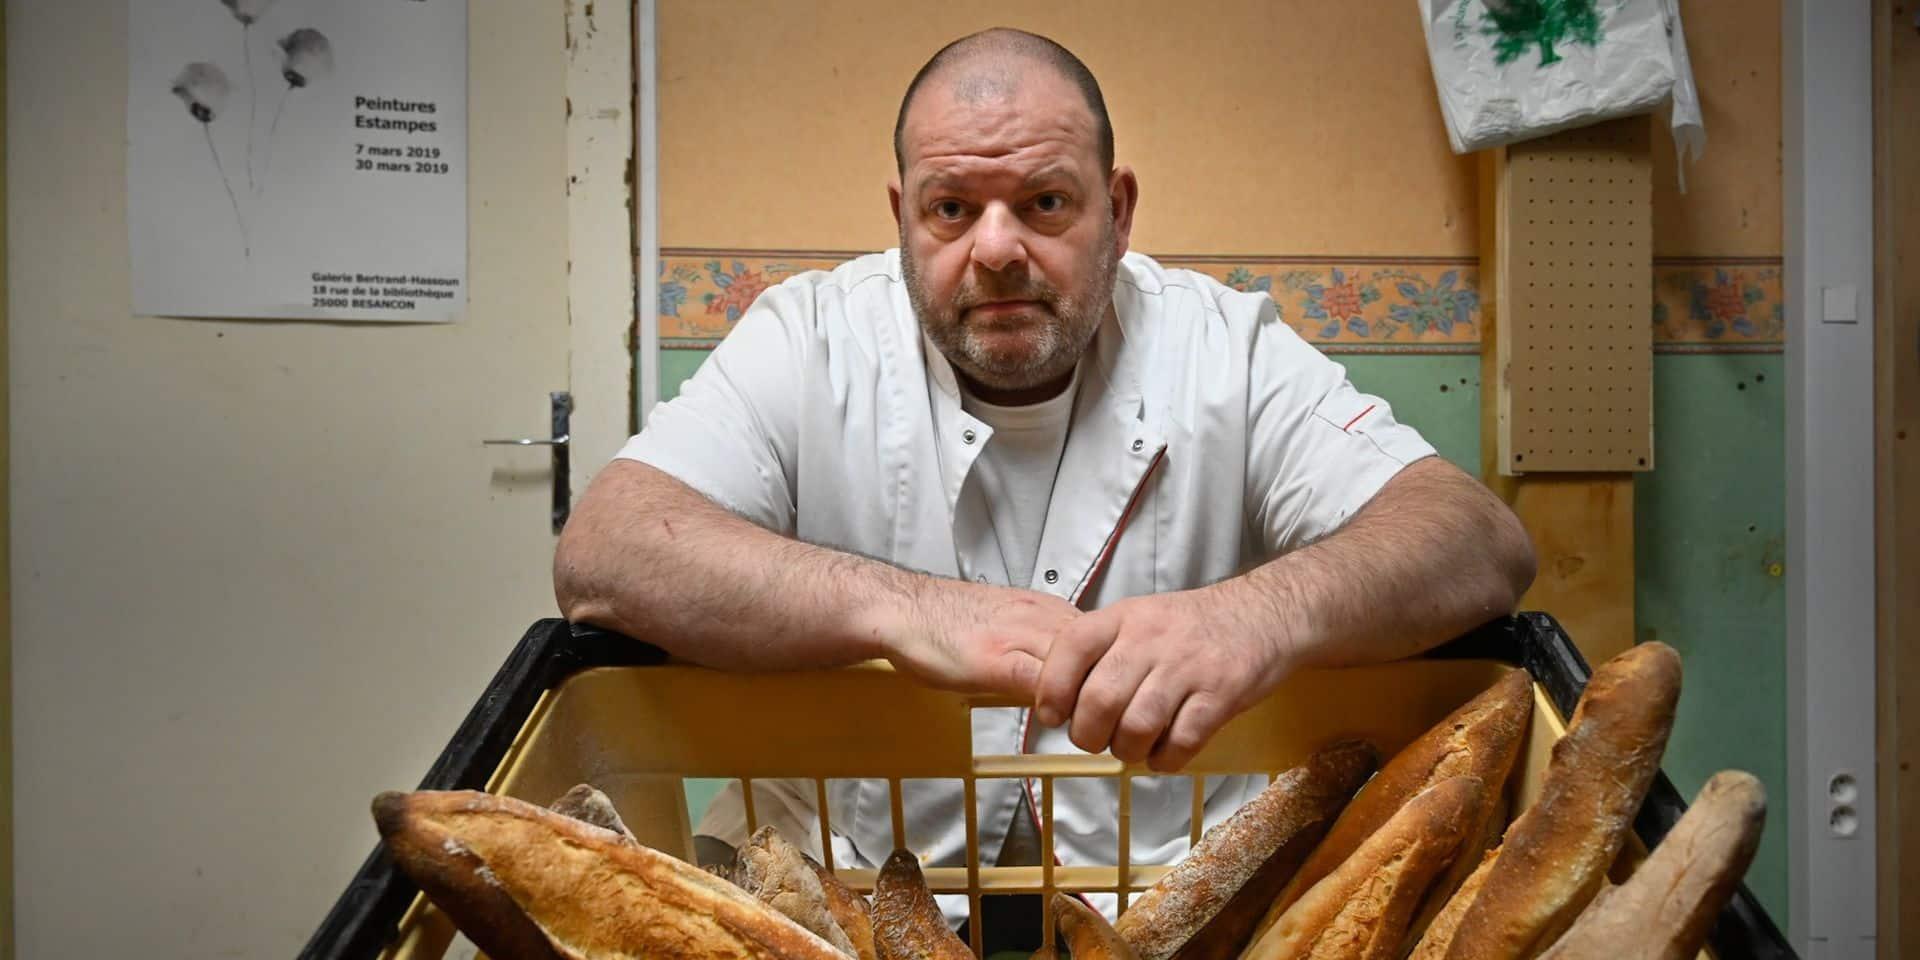 Stéphane Ravacley, le boulanger de Besançon qui se bat pour garder son apprenti